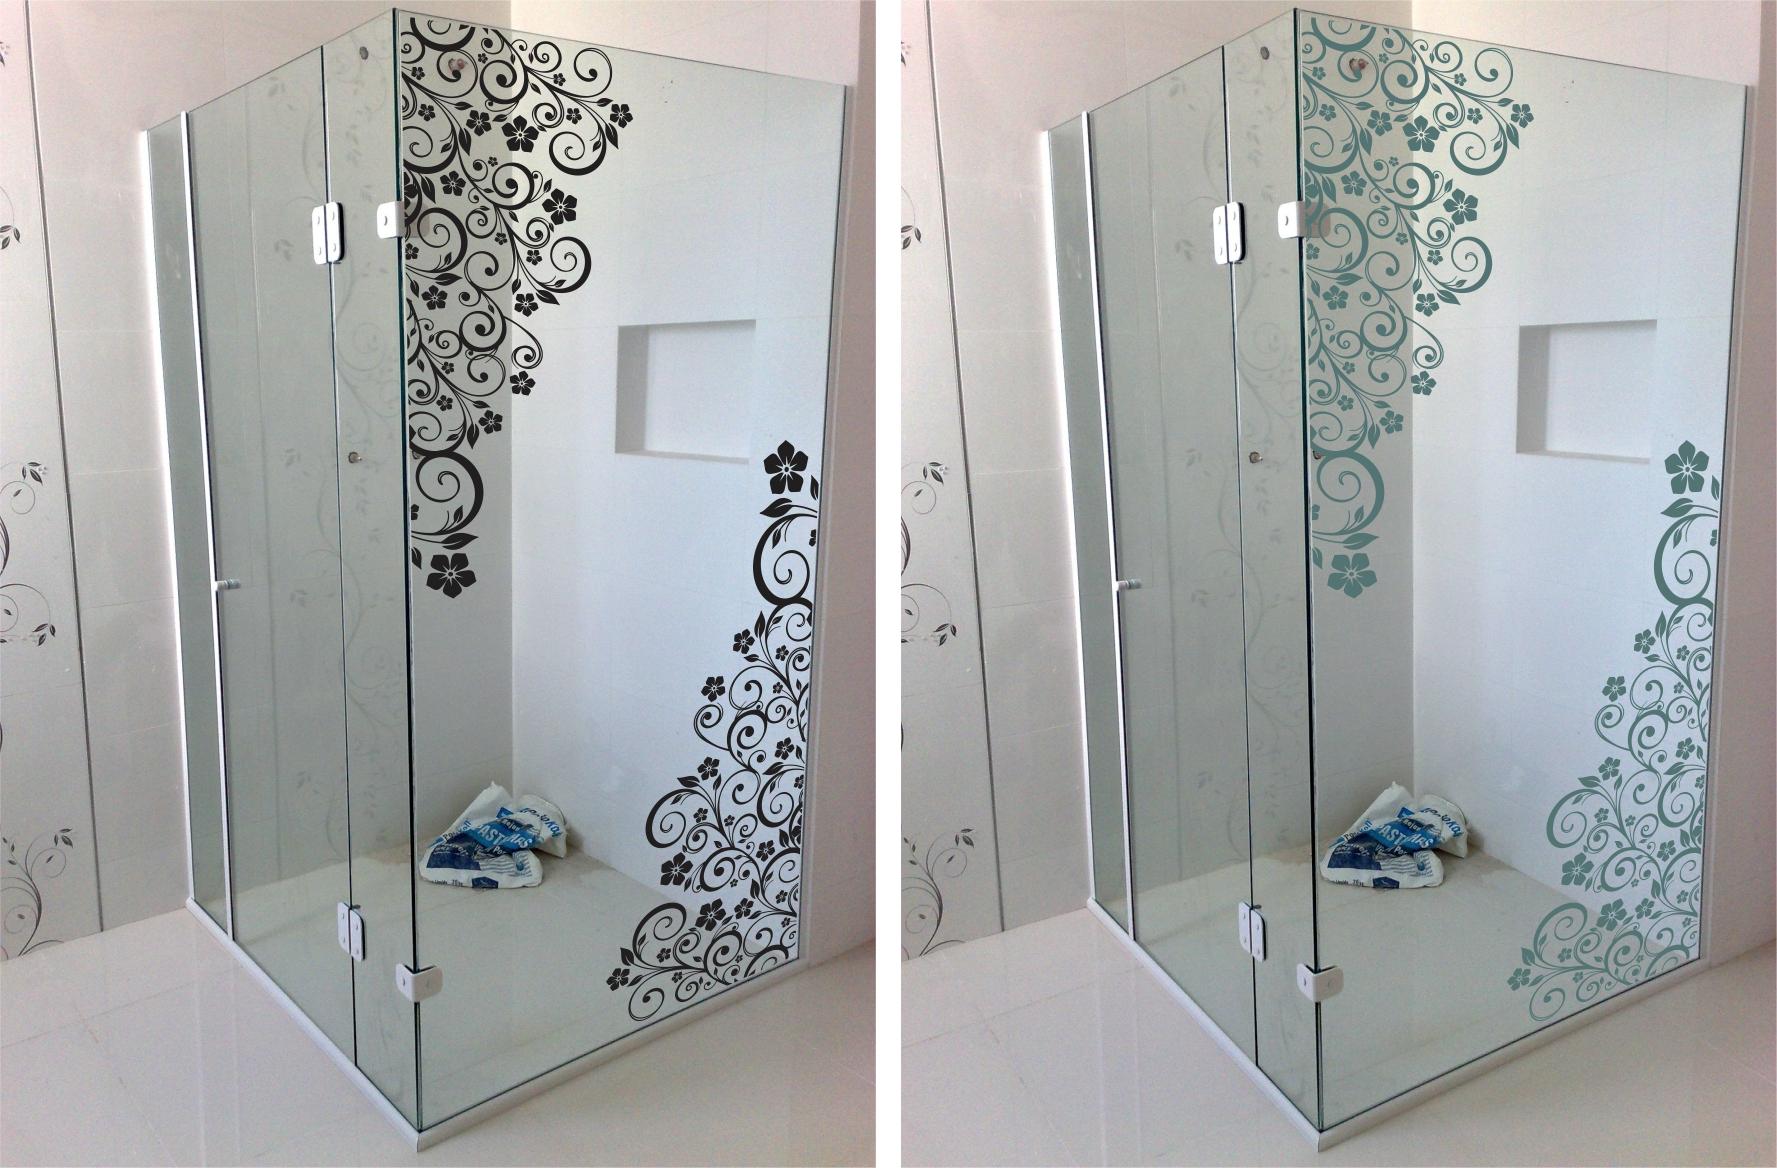 adesivos box adesivo box banheiro floral blindex adesivos de parede #3B4F5F 1777x1168 Adesivos Para Box De Vidro Banheiro